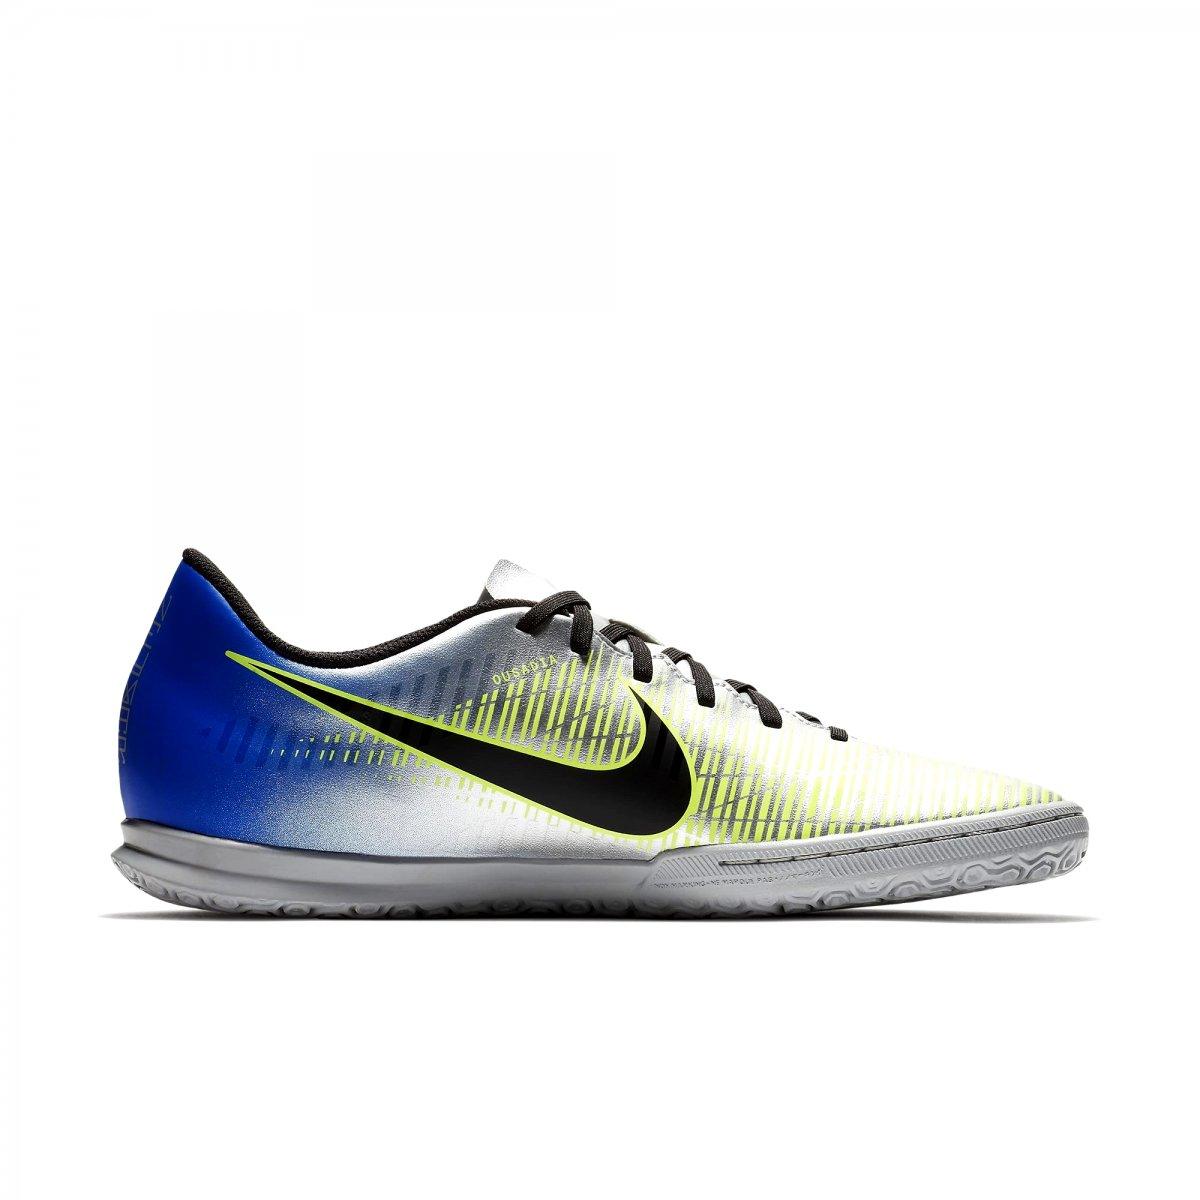 38b5aa8ca5 Indoor Nike Mercurialx Vortex III Neymar 921518-407 - Prata Azul ...